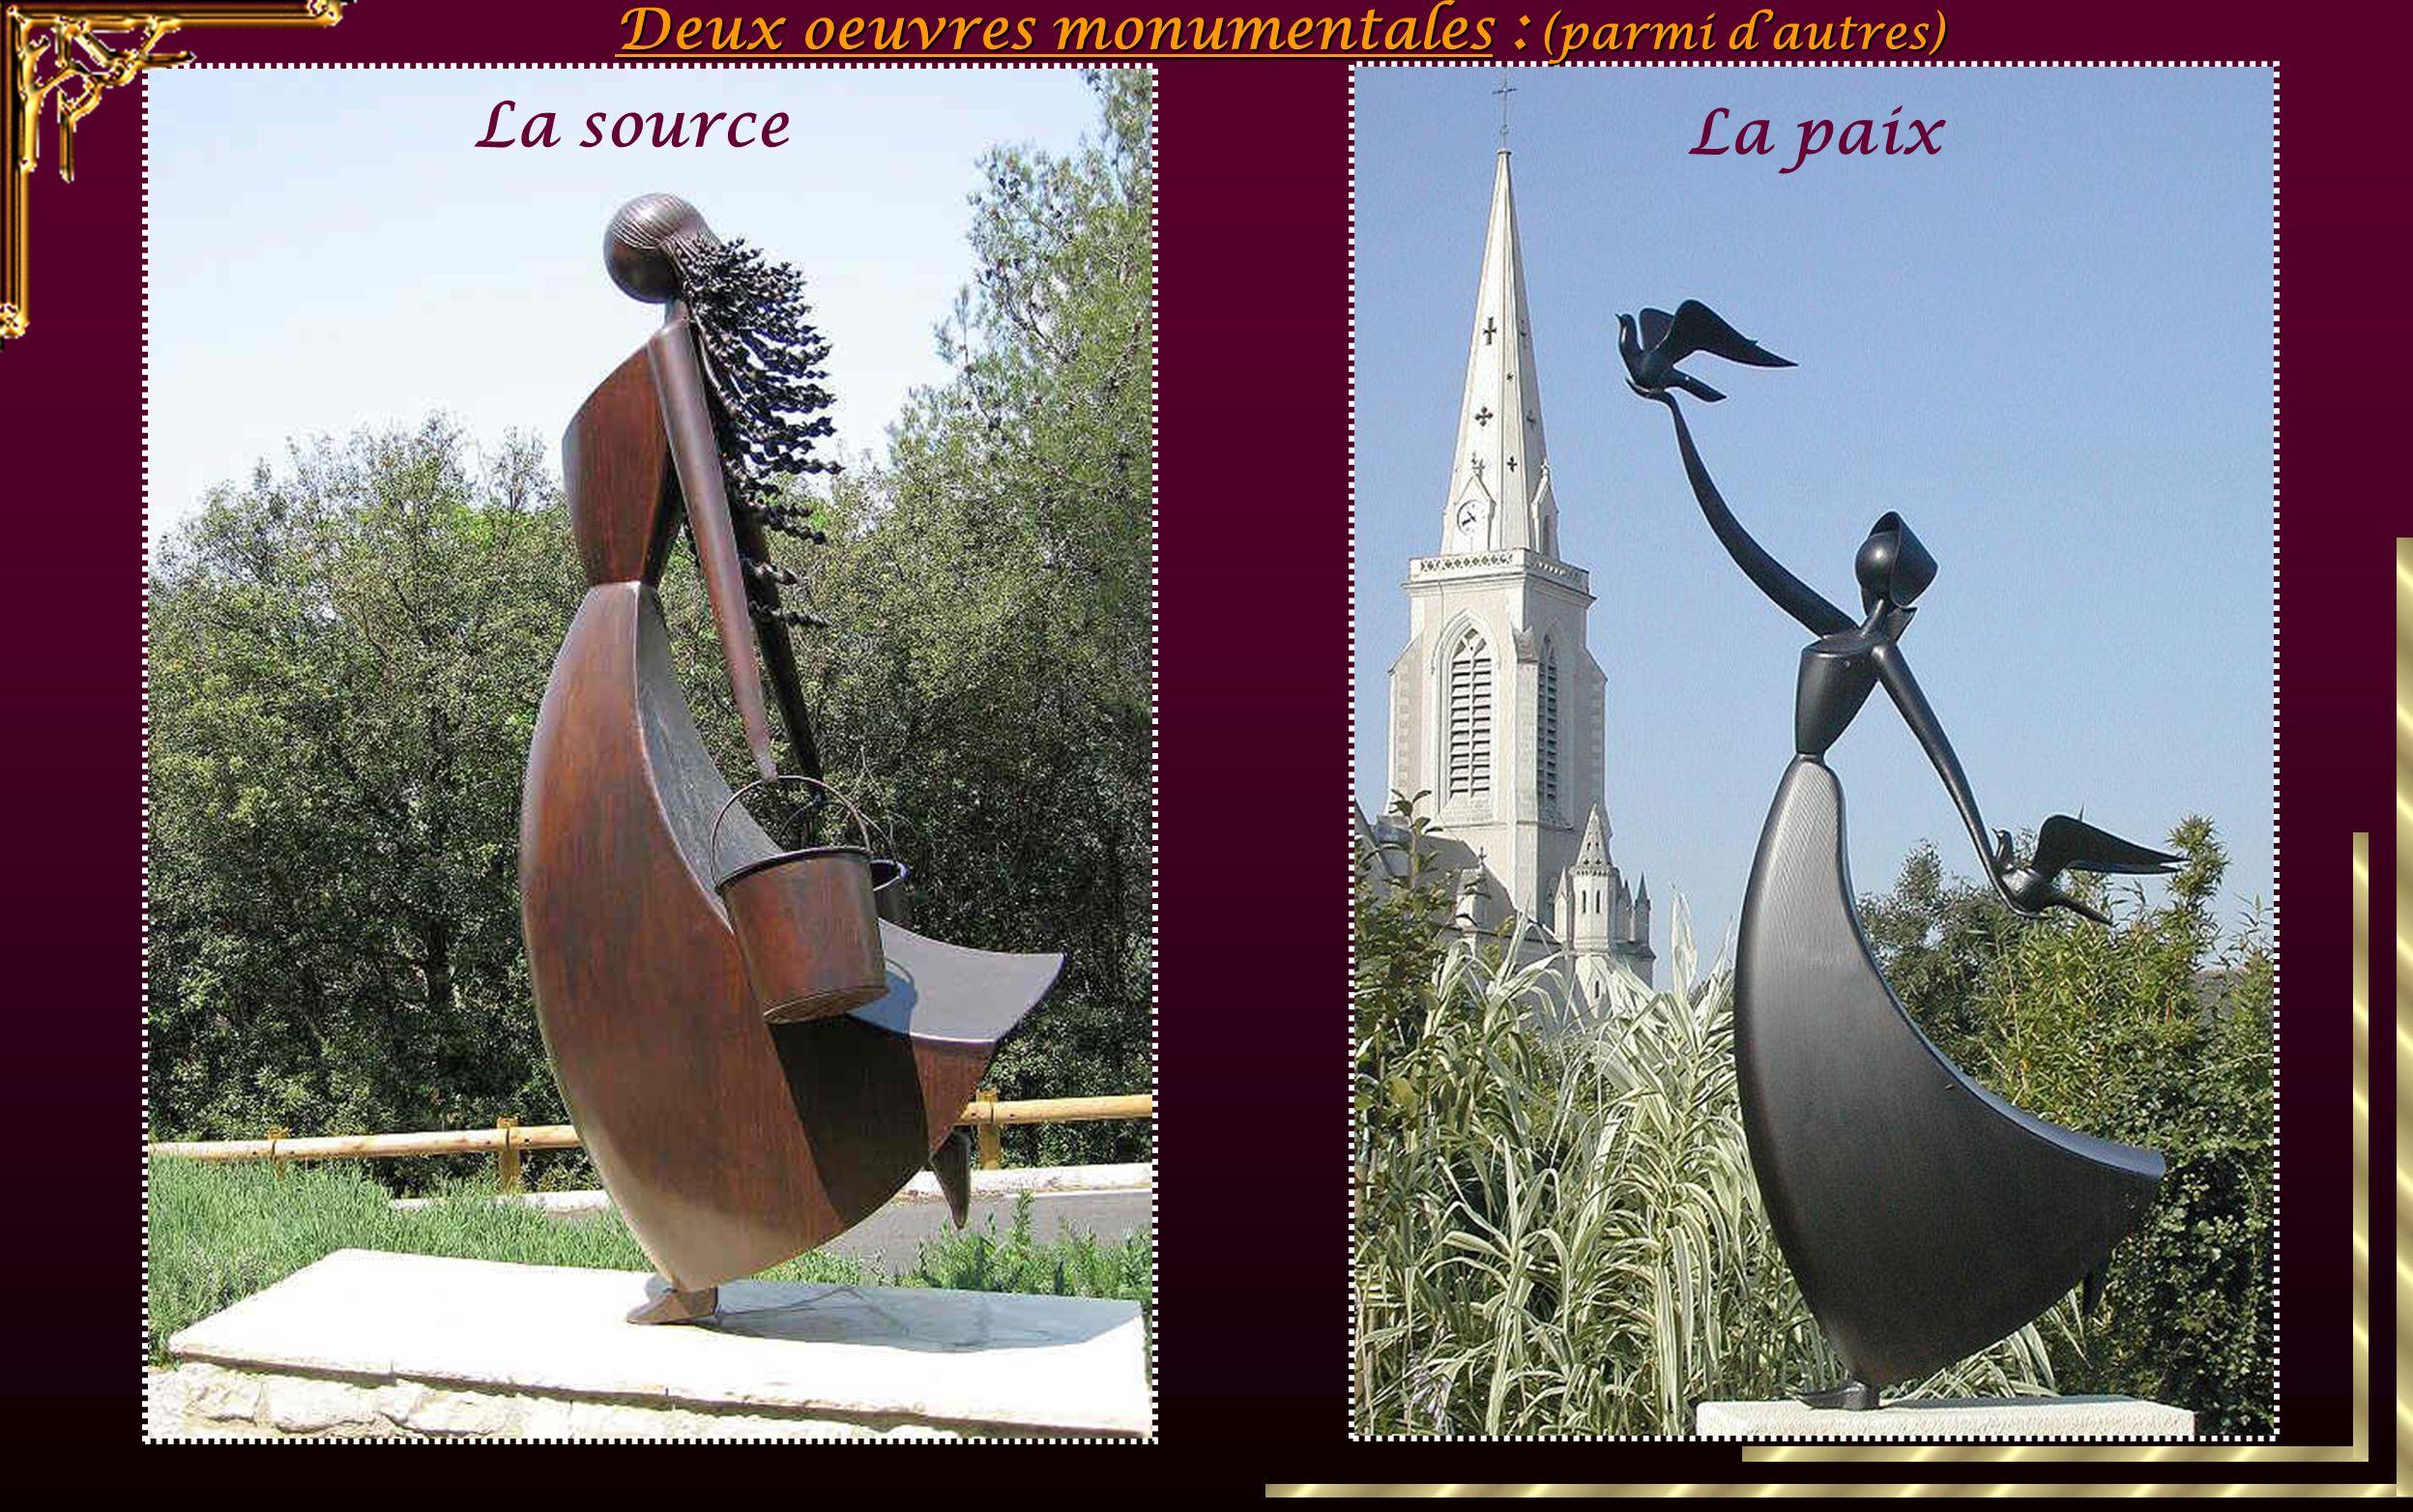 Deux oeuvres monumentales : (parmi d'autres)